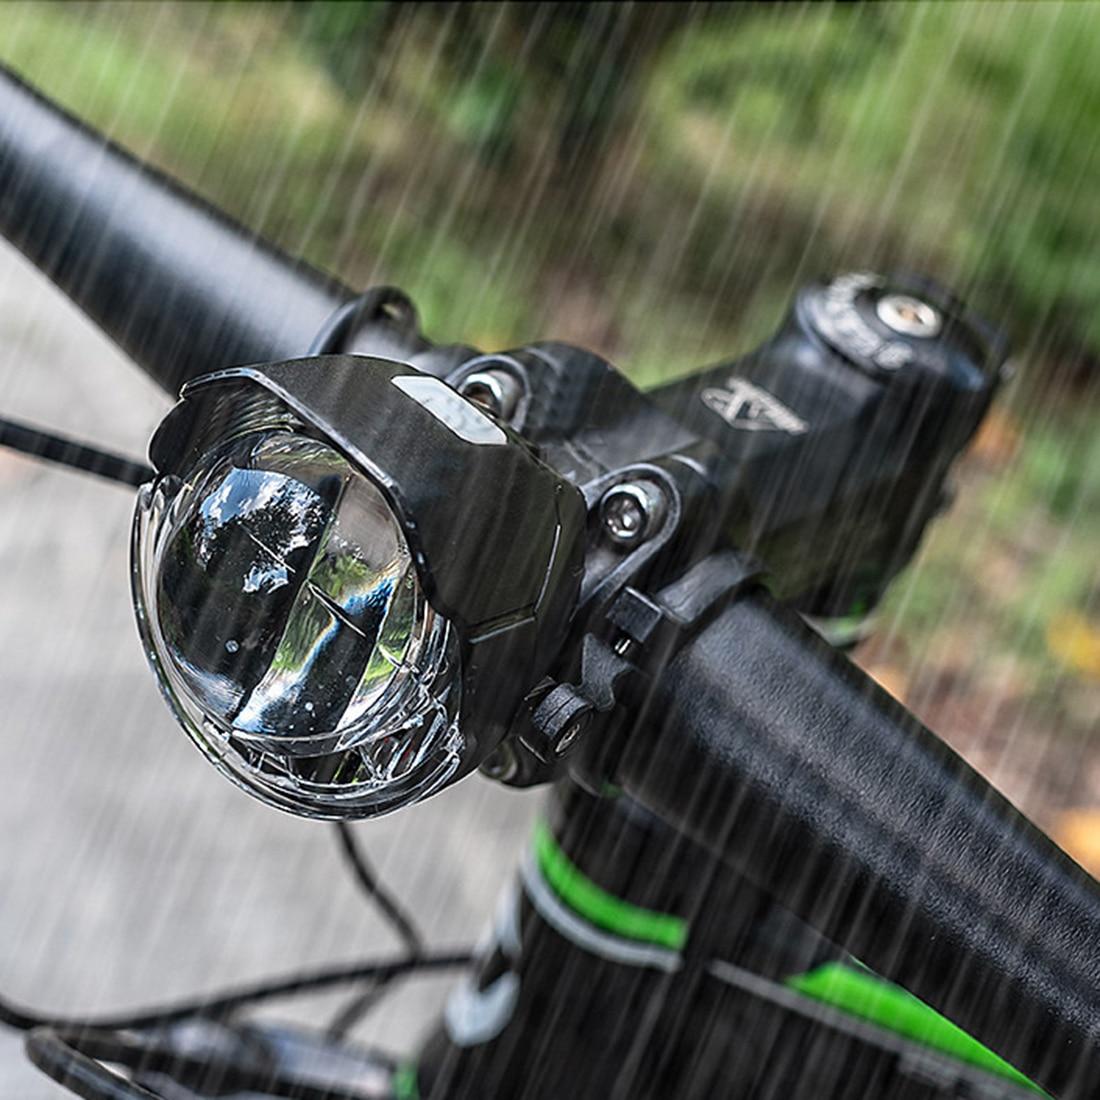 Auto Induction USB DEL vélo Arrière Feu Arrière Vélo De Montagne Route Vélo Nuit Warning Light